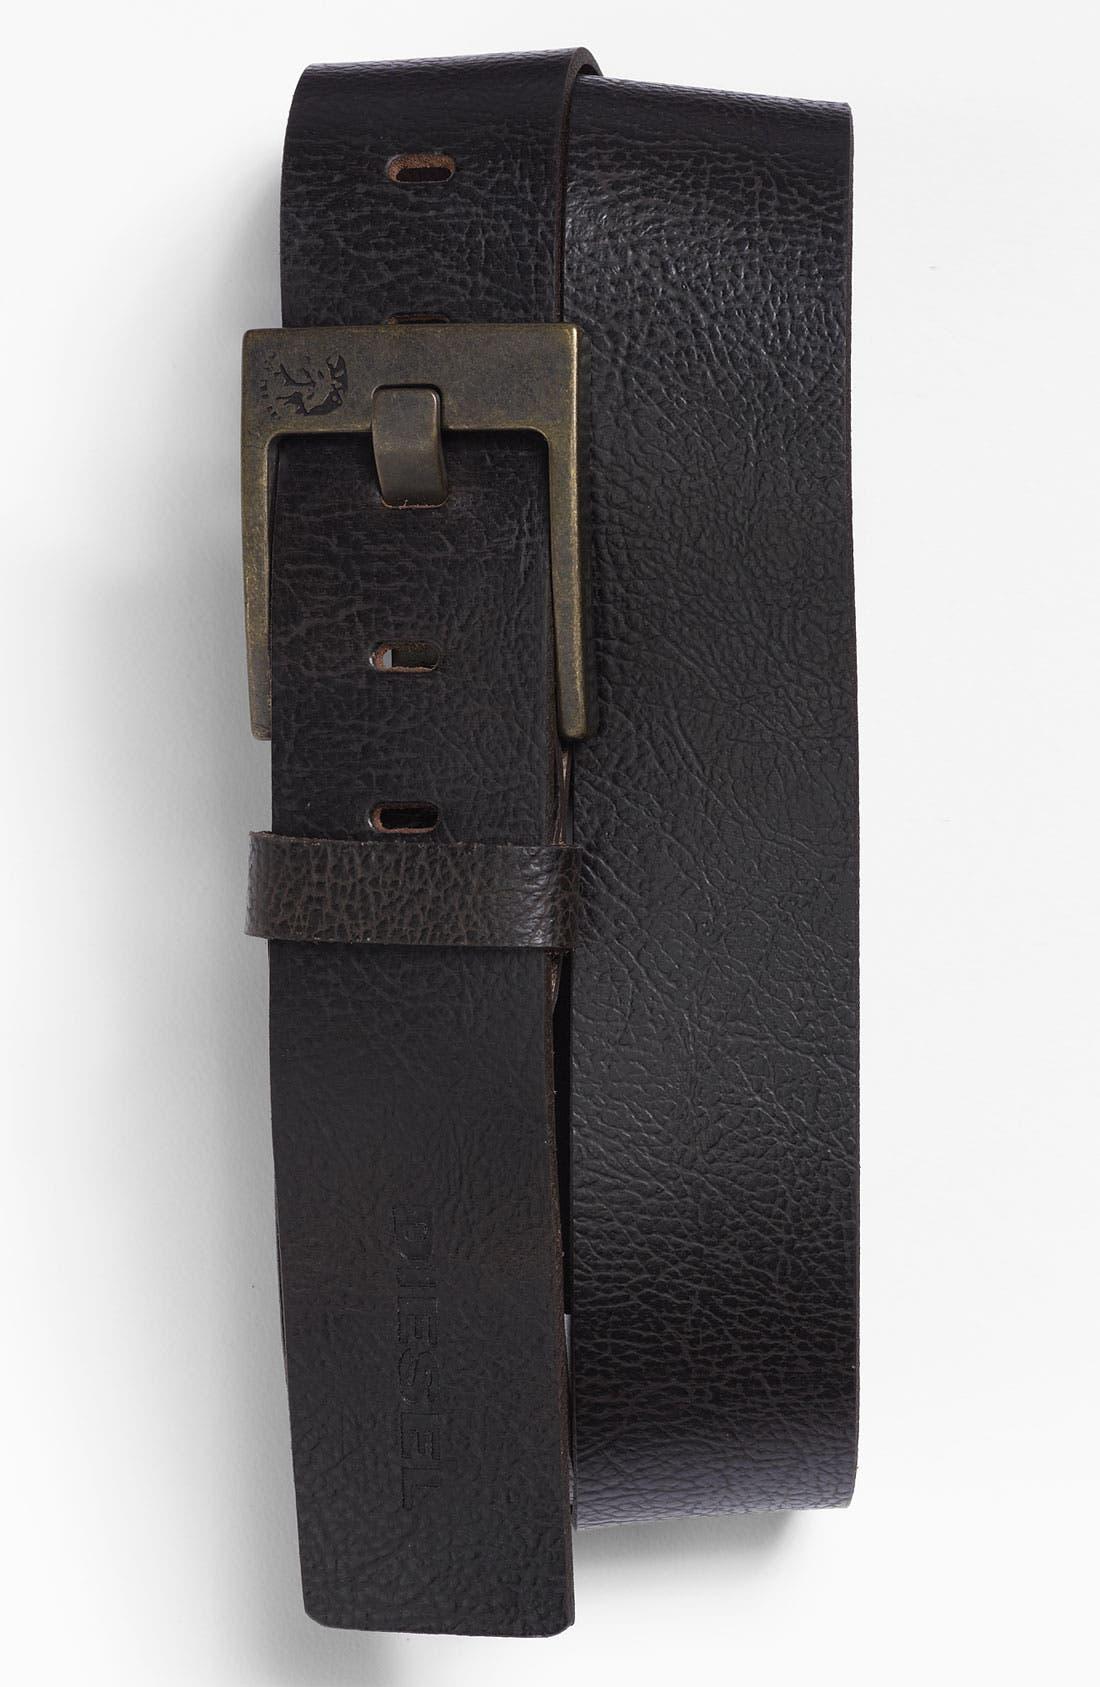 Alternate Image 1 Selected - DIESEL® 'Bauser Service' Leather Belt